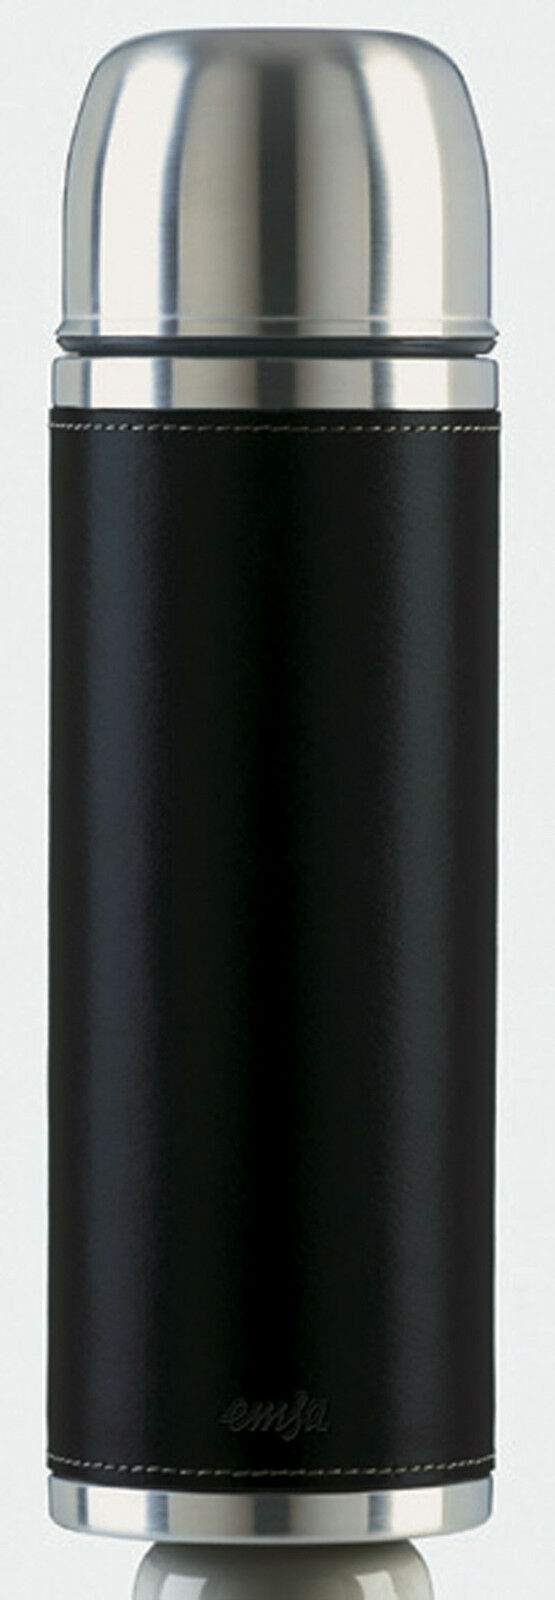 saldi EMSA senatore senatore senatore Class Isolierkanne SLZ thermoskanne nero, 0,7 L  fantastica qualità